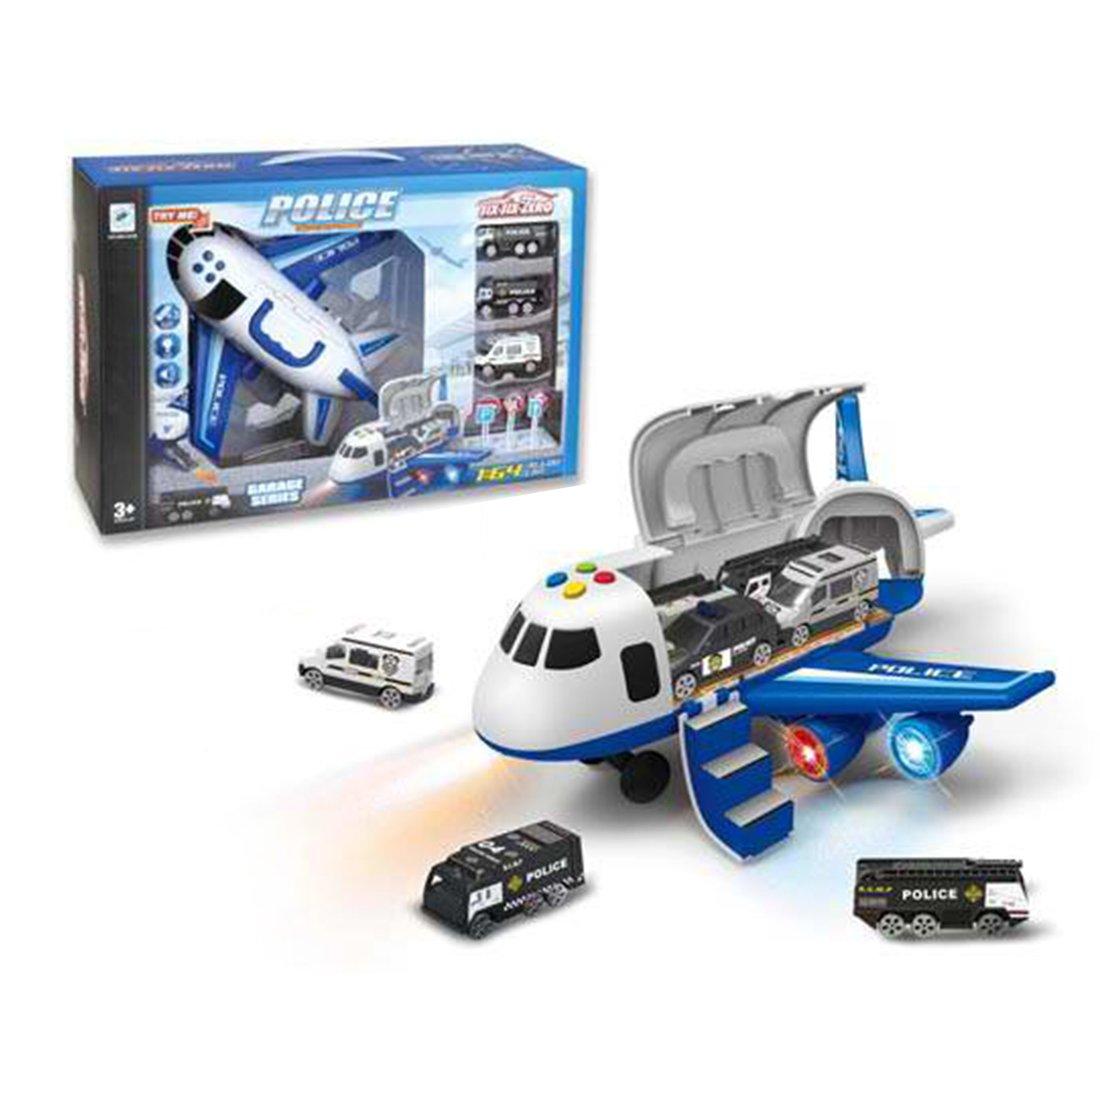 Игр.набор Самолет, свет, звук, в комплекте: самолет инерц., машины металл. 3шт., дорожные знаки 7шт., эл.пит.АА*3шт.не вх.в комплект, коробка